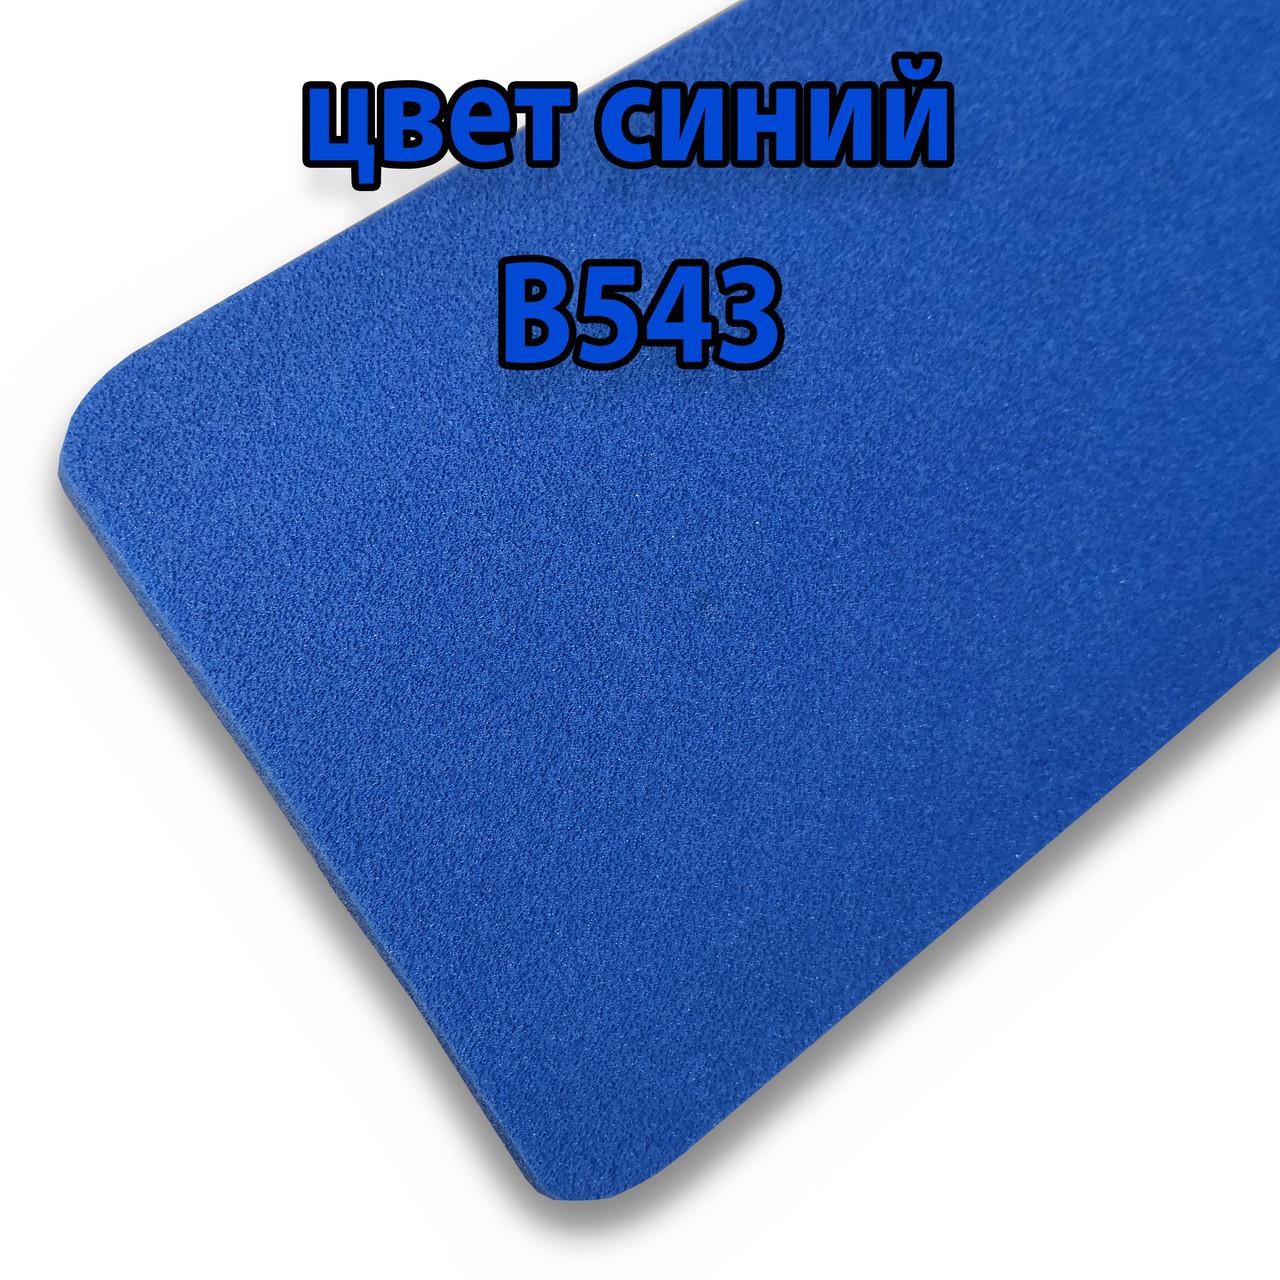 Изолон цветной, 2 мм синий